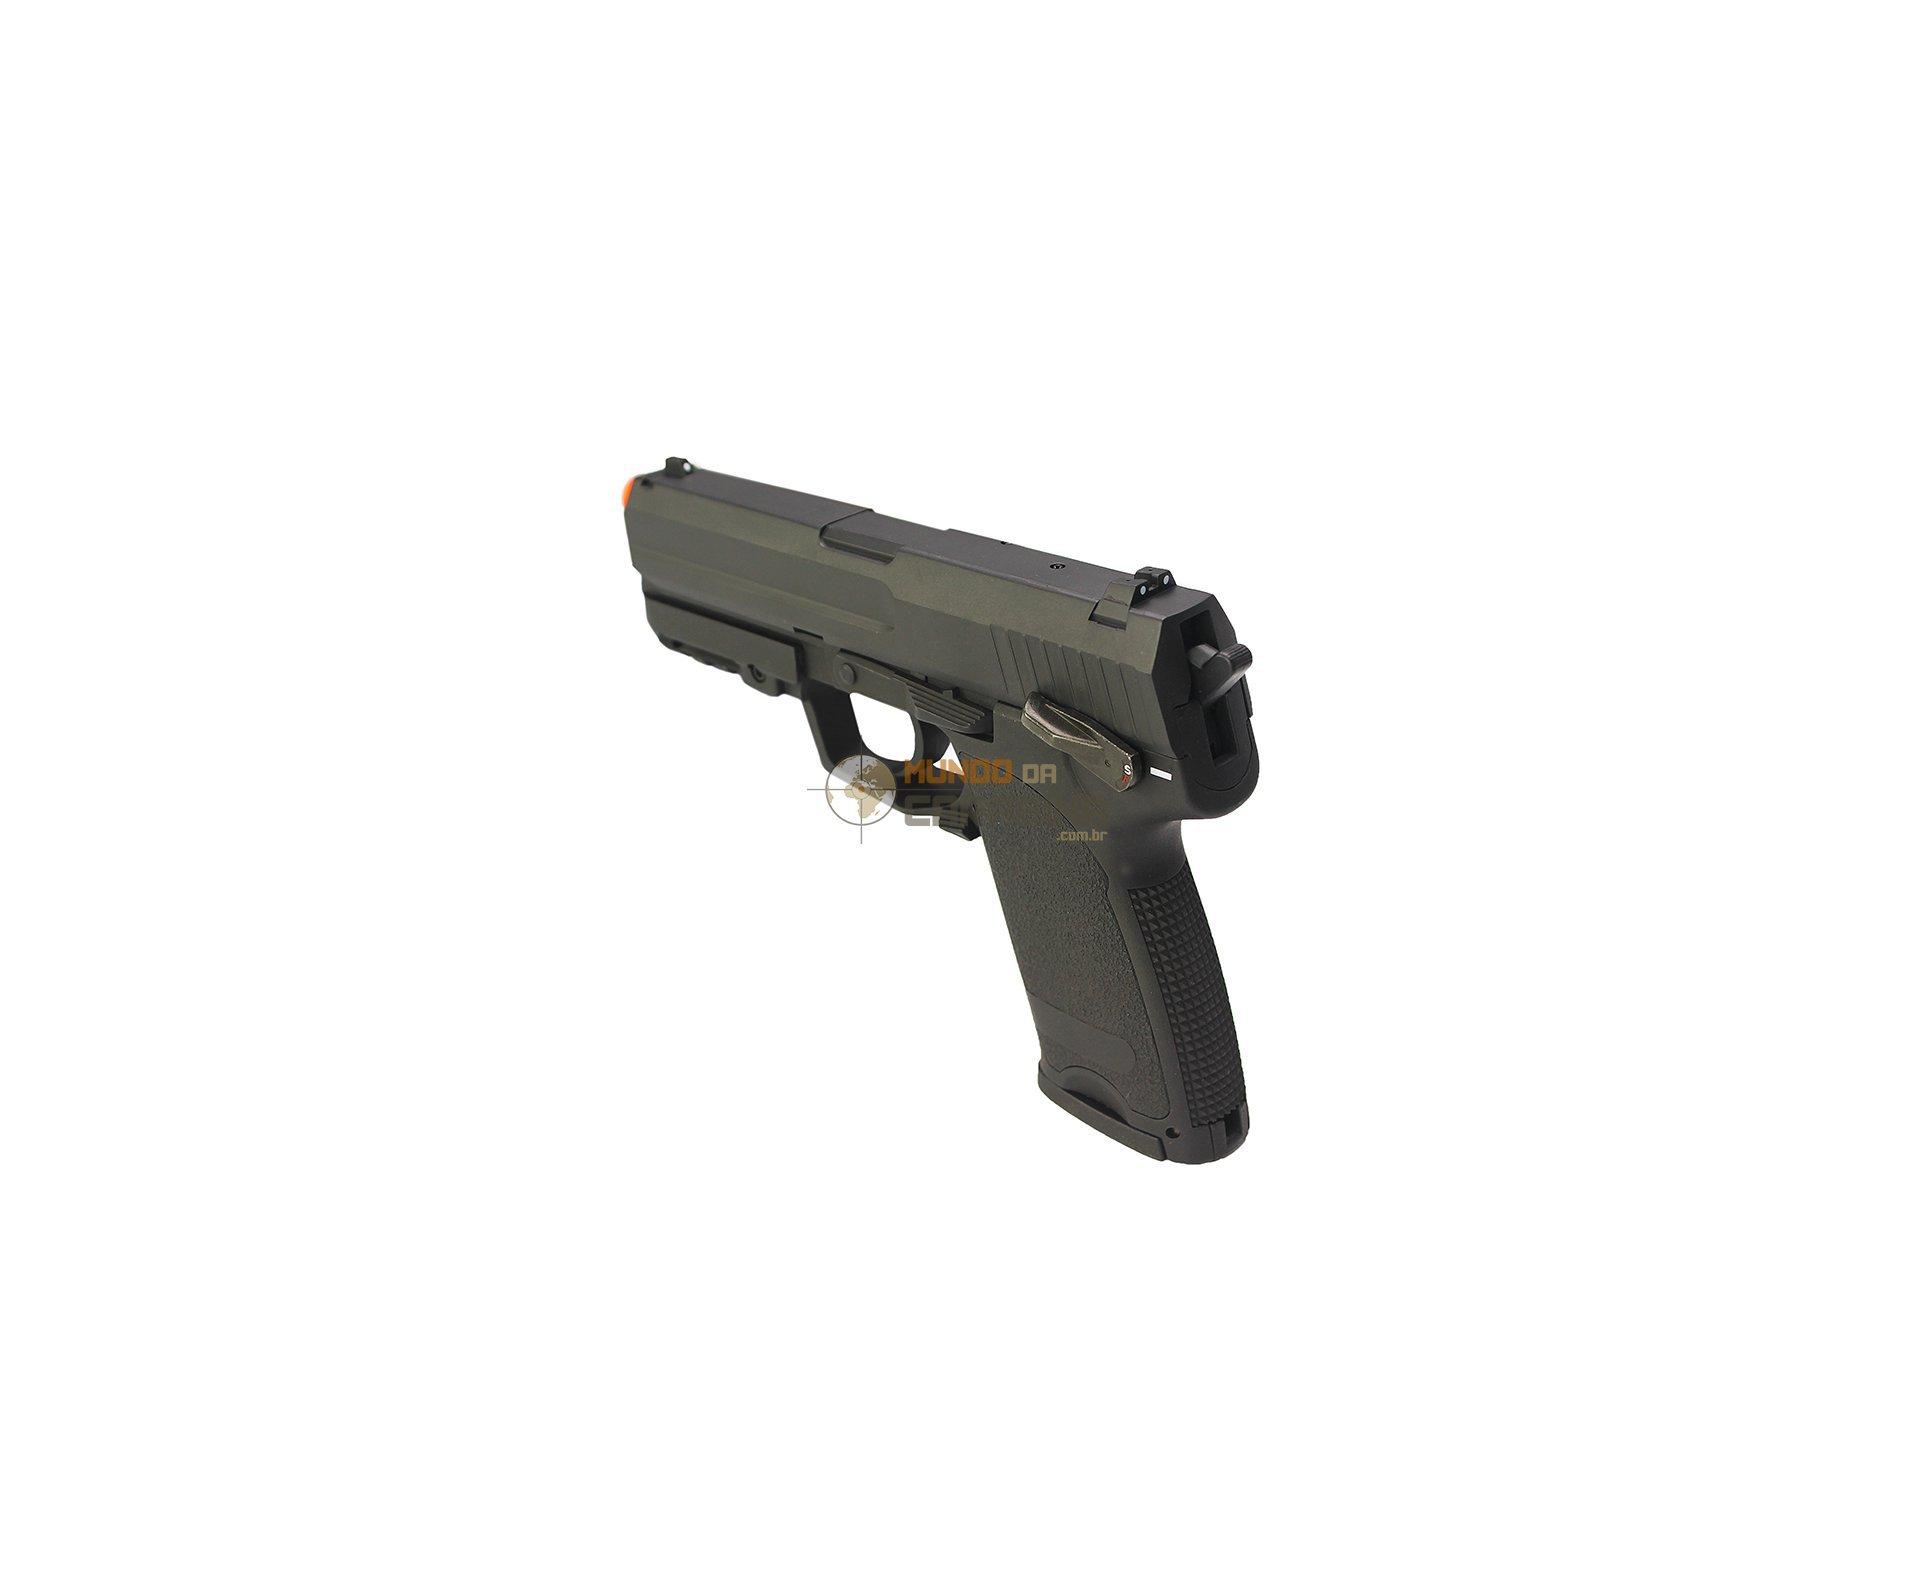 Pistola De Airsoft Elétrica Usp Full Metal Cal 6.0mm Bivolt - Cyma